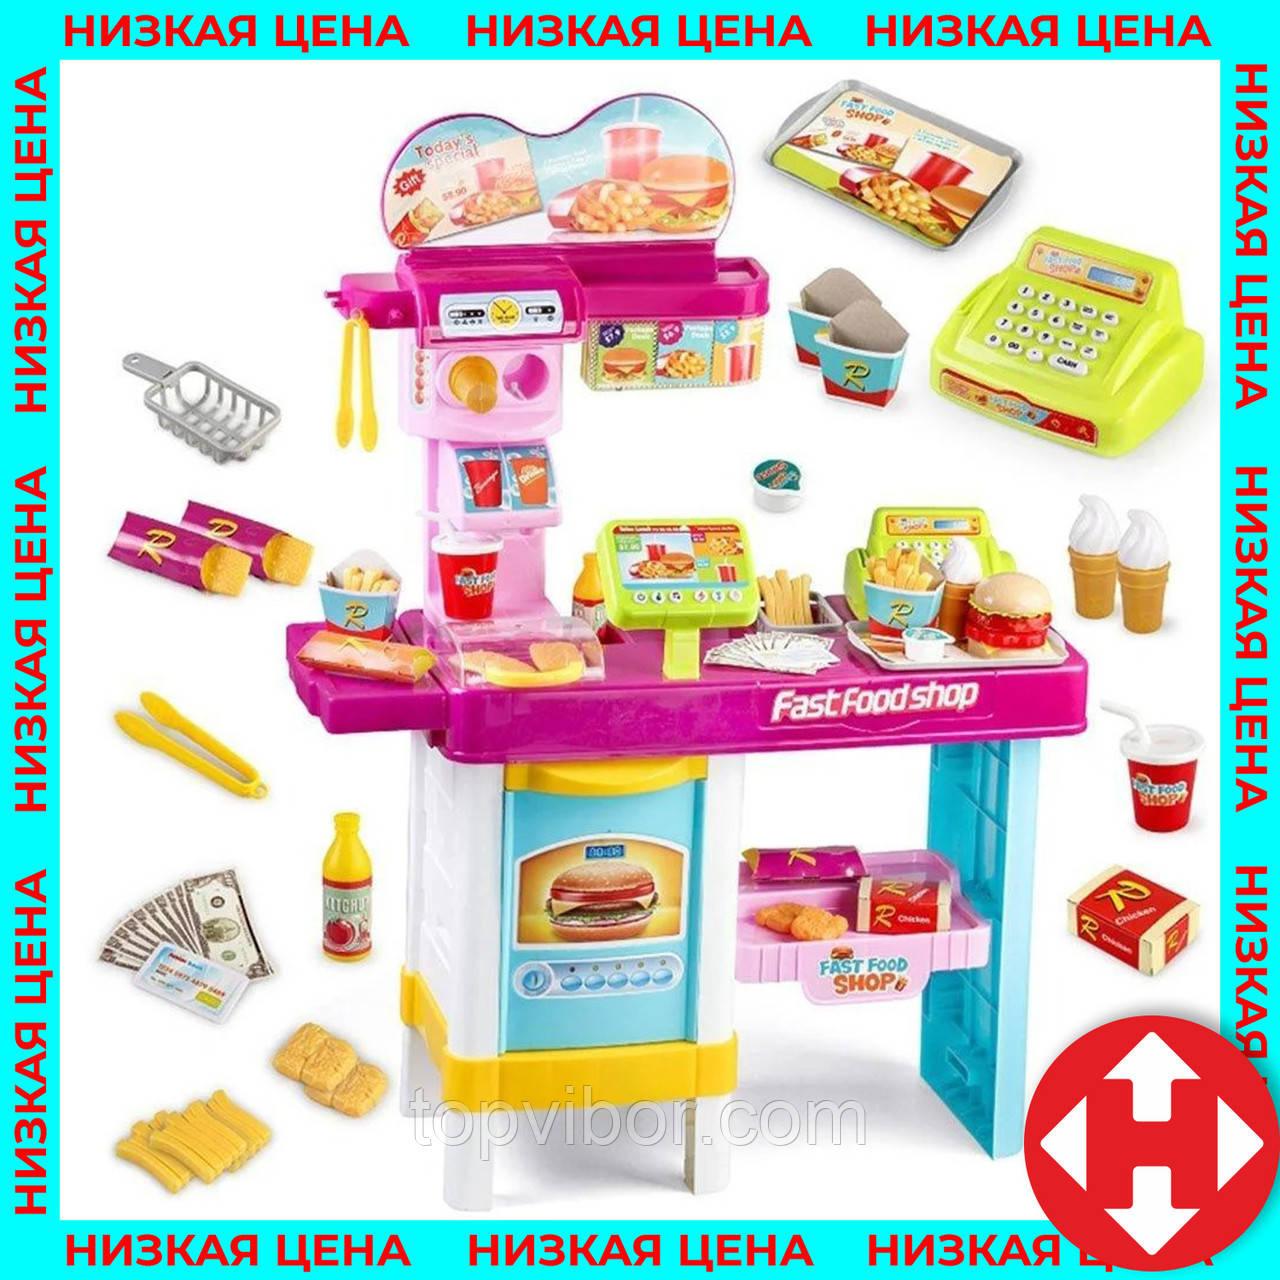 Детский игровой набор Fast Food Shop (48 предметов) игрушечный магазин (макдональдс) Розовый